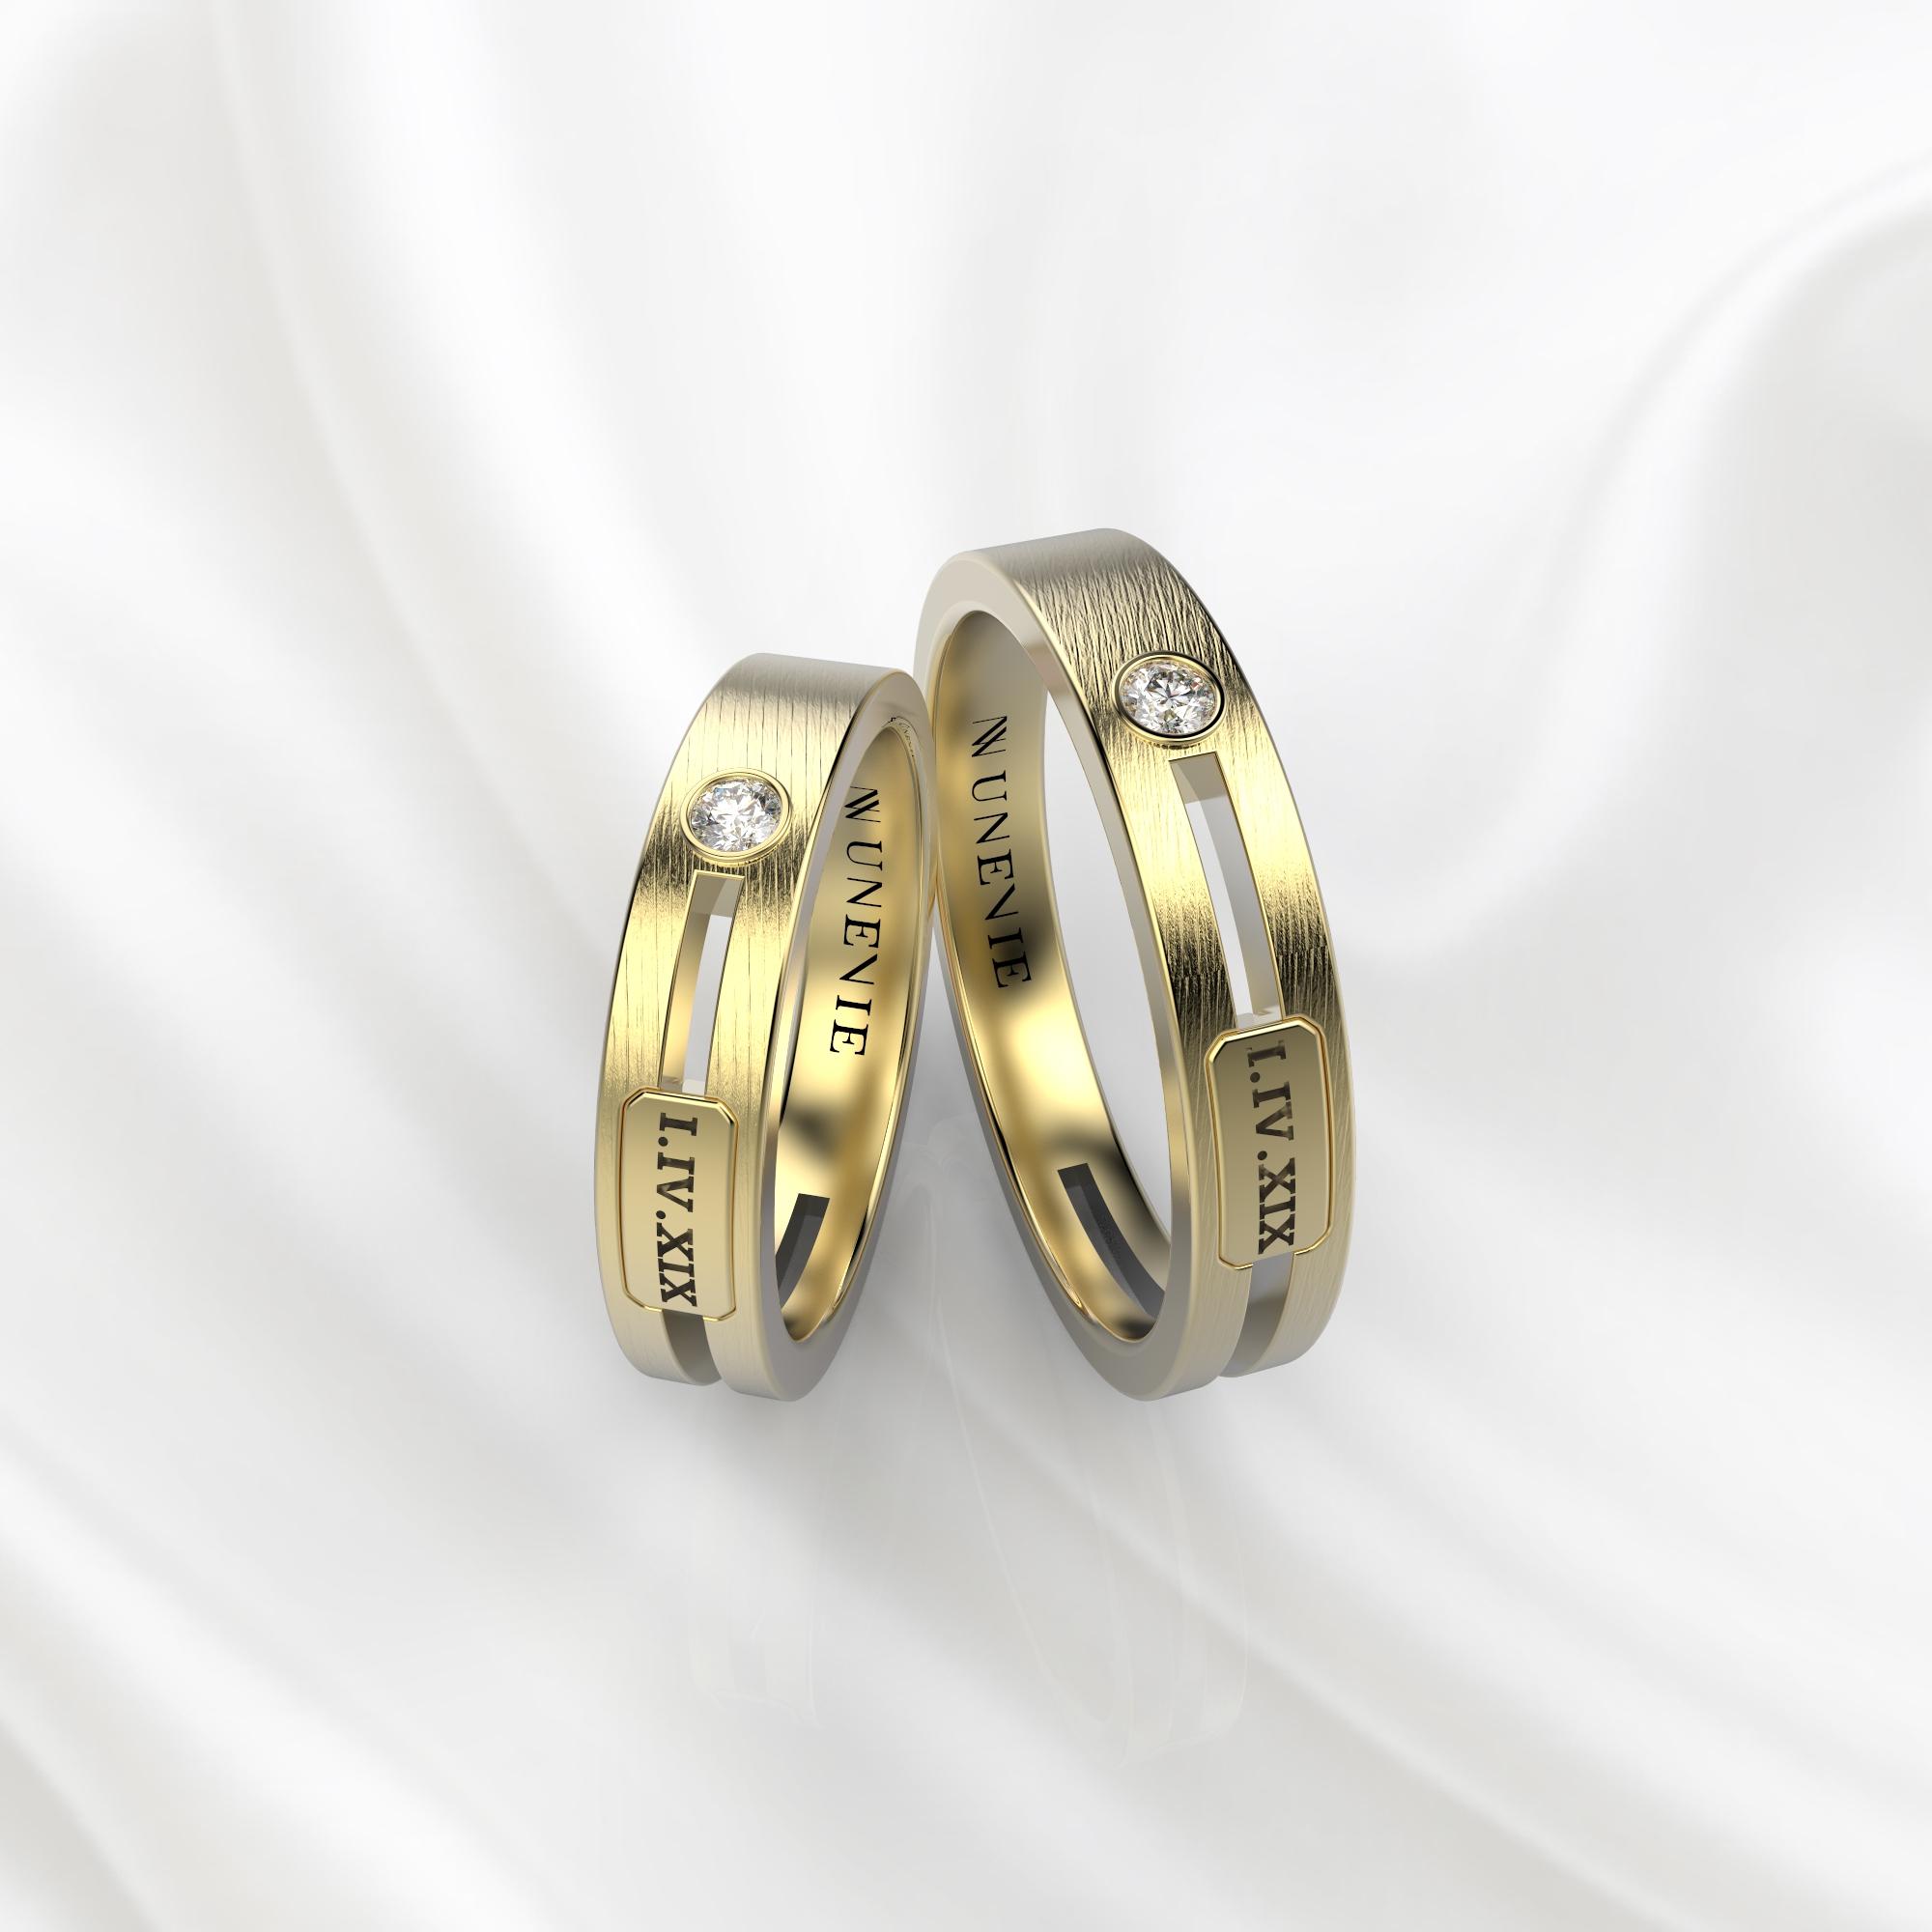 NV55 Парные обручальные кольца из желтого золота с бриллиантами